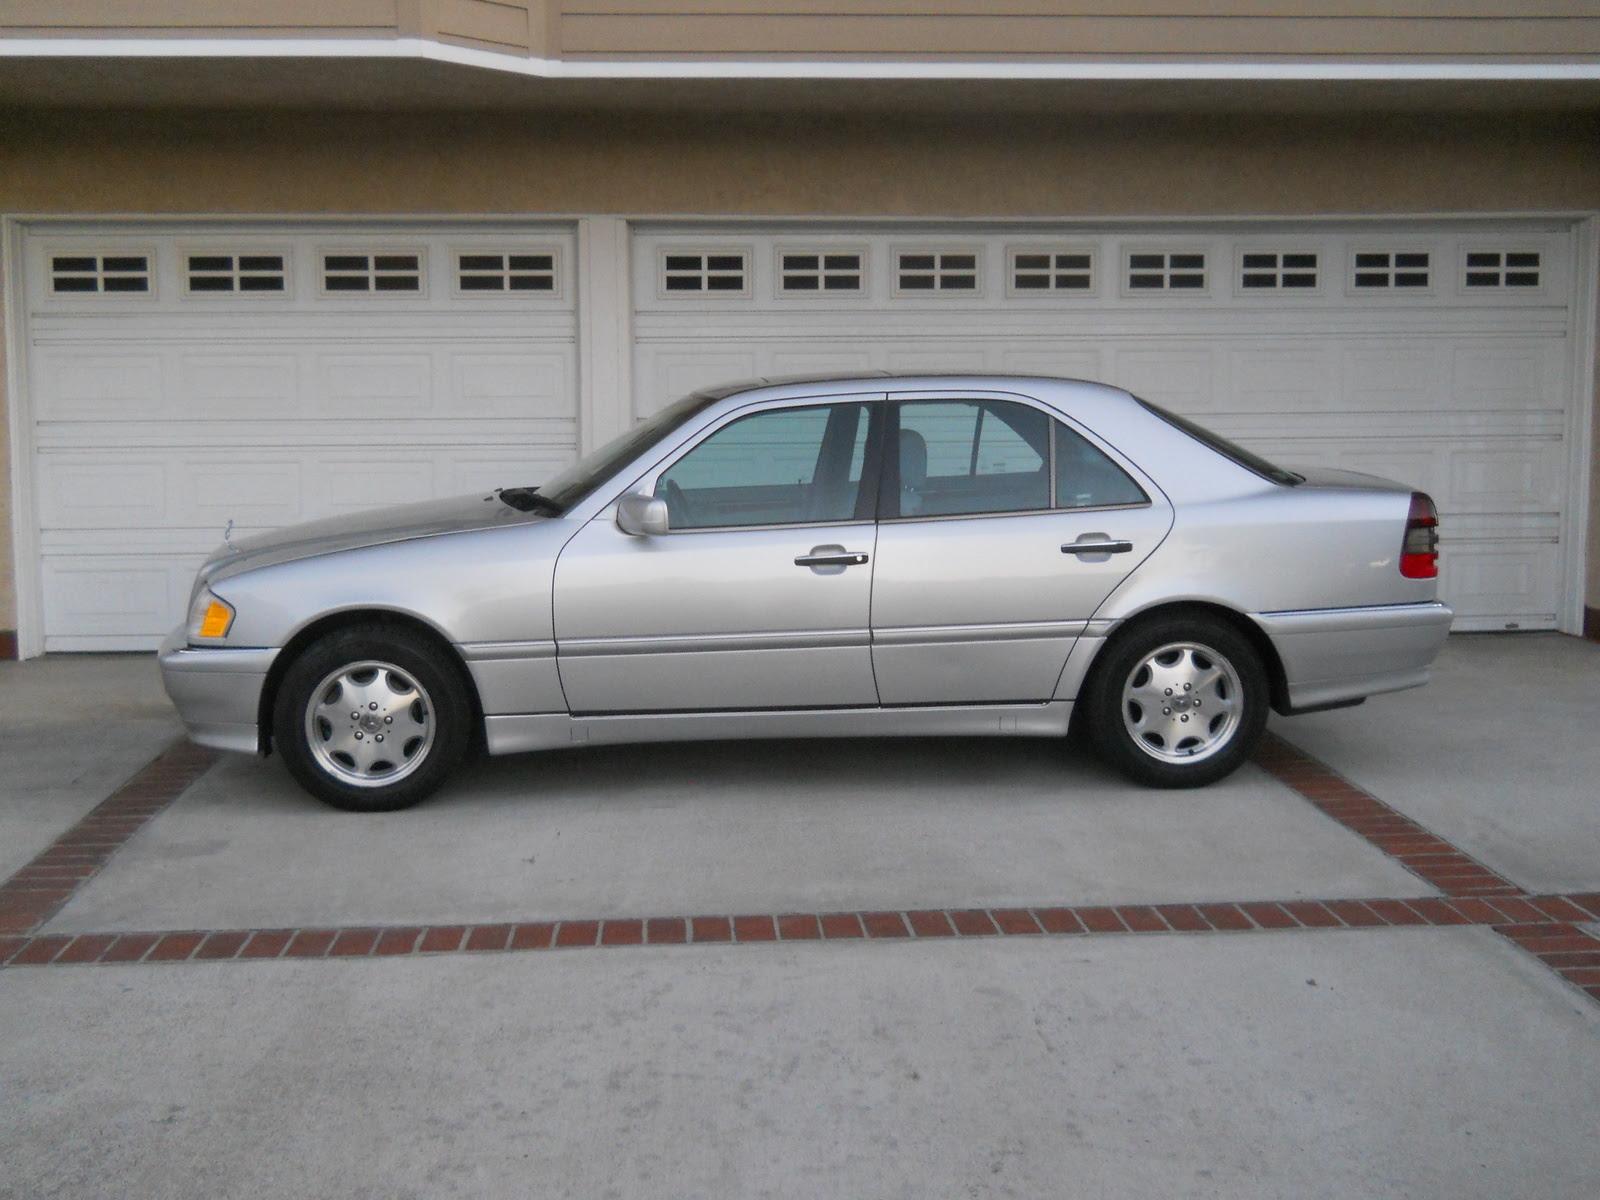 1999 Mercedes-Benz C-Class - Pictures - CarGurus